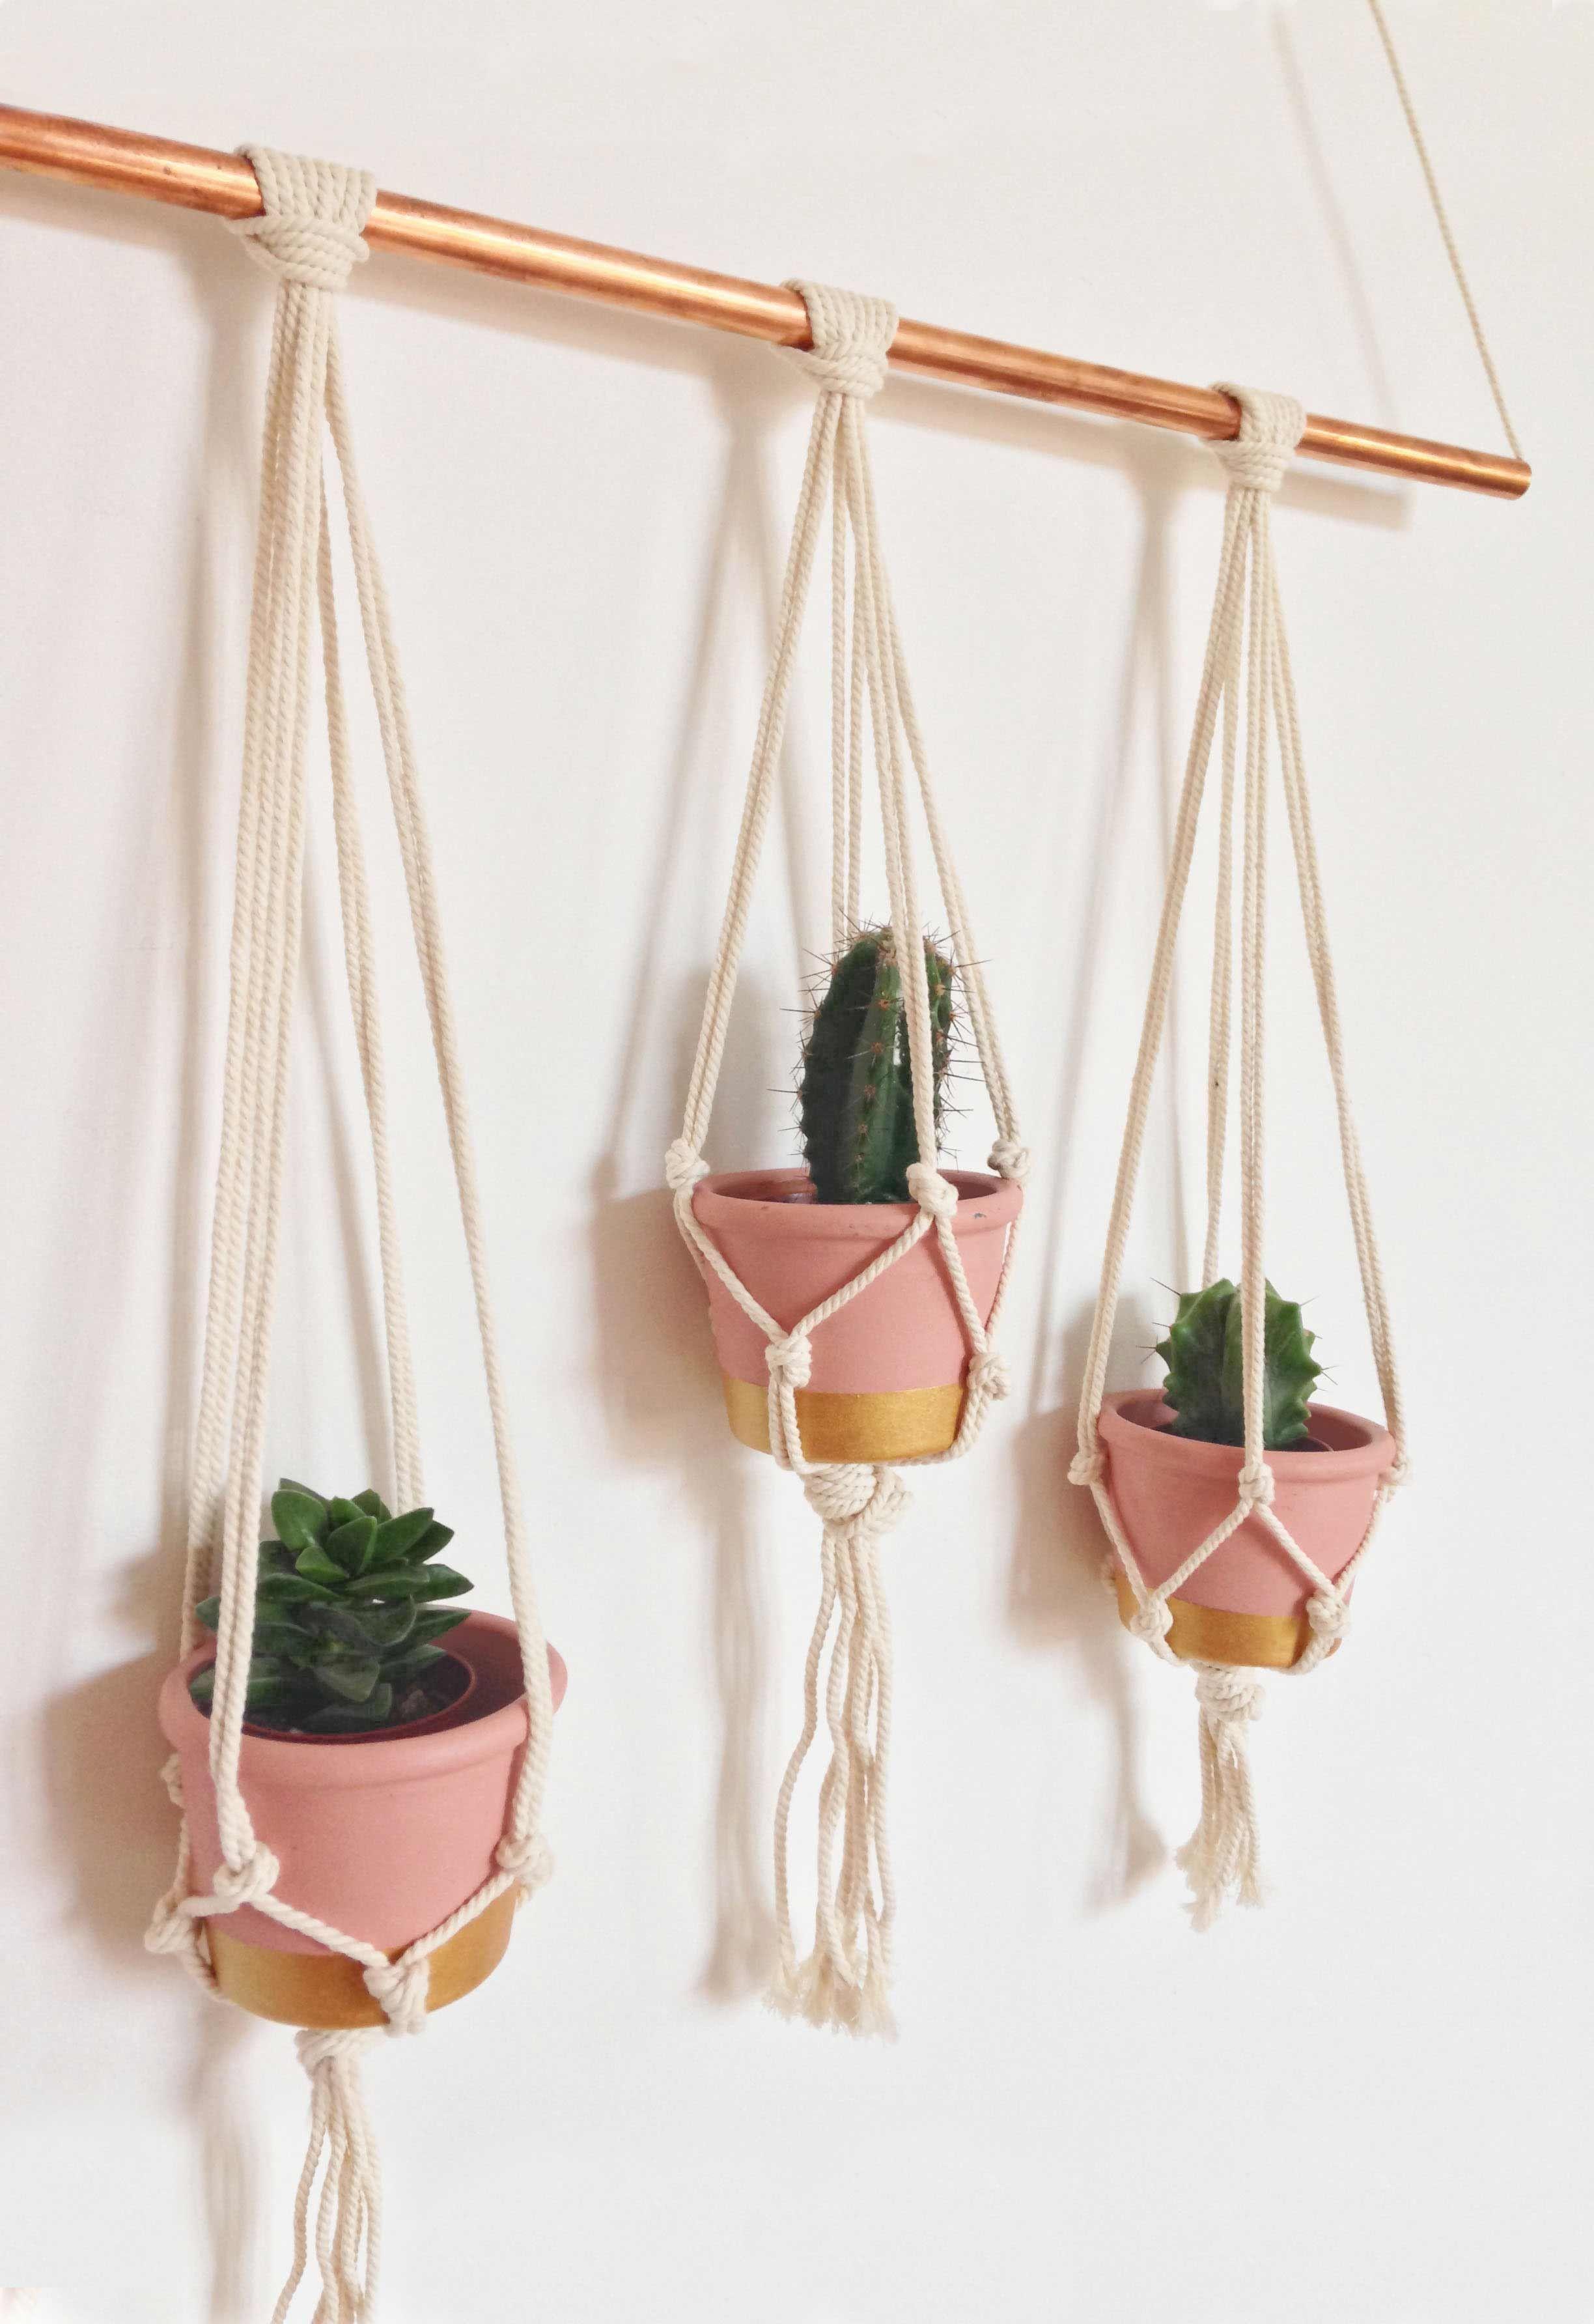 pingl par dani le sur succulentes cactus pinterest plantes suspension et macram. Black Bedroom Furniture Sets. Home Design Ideas